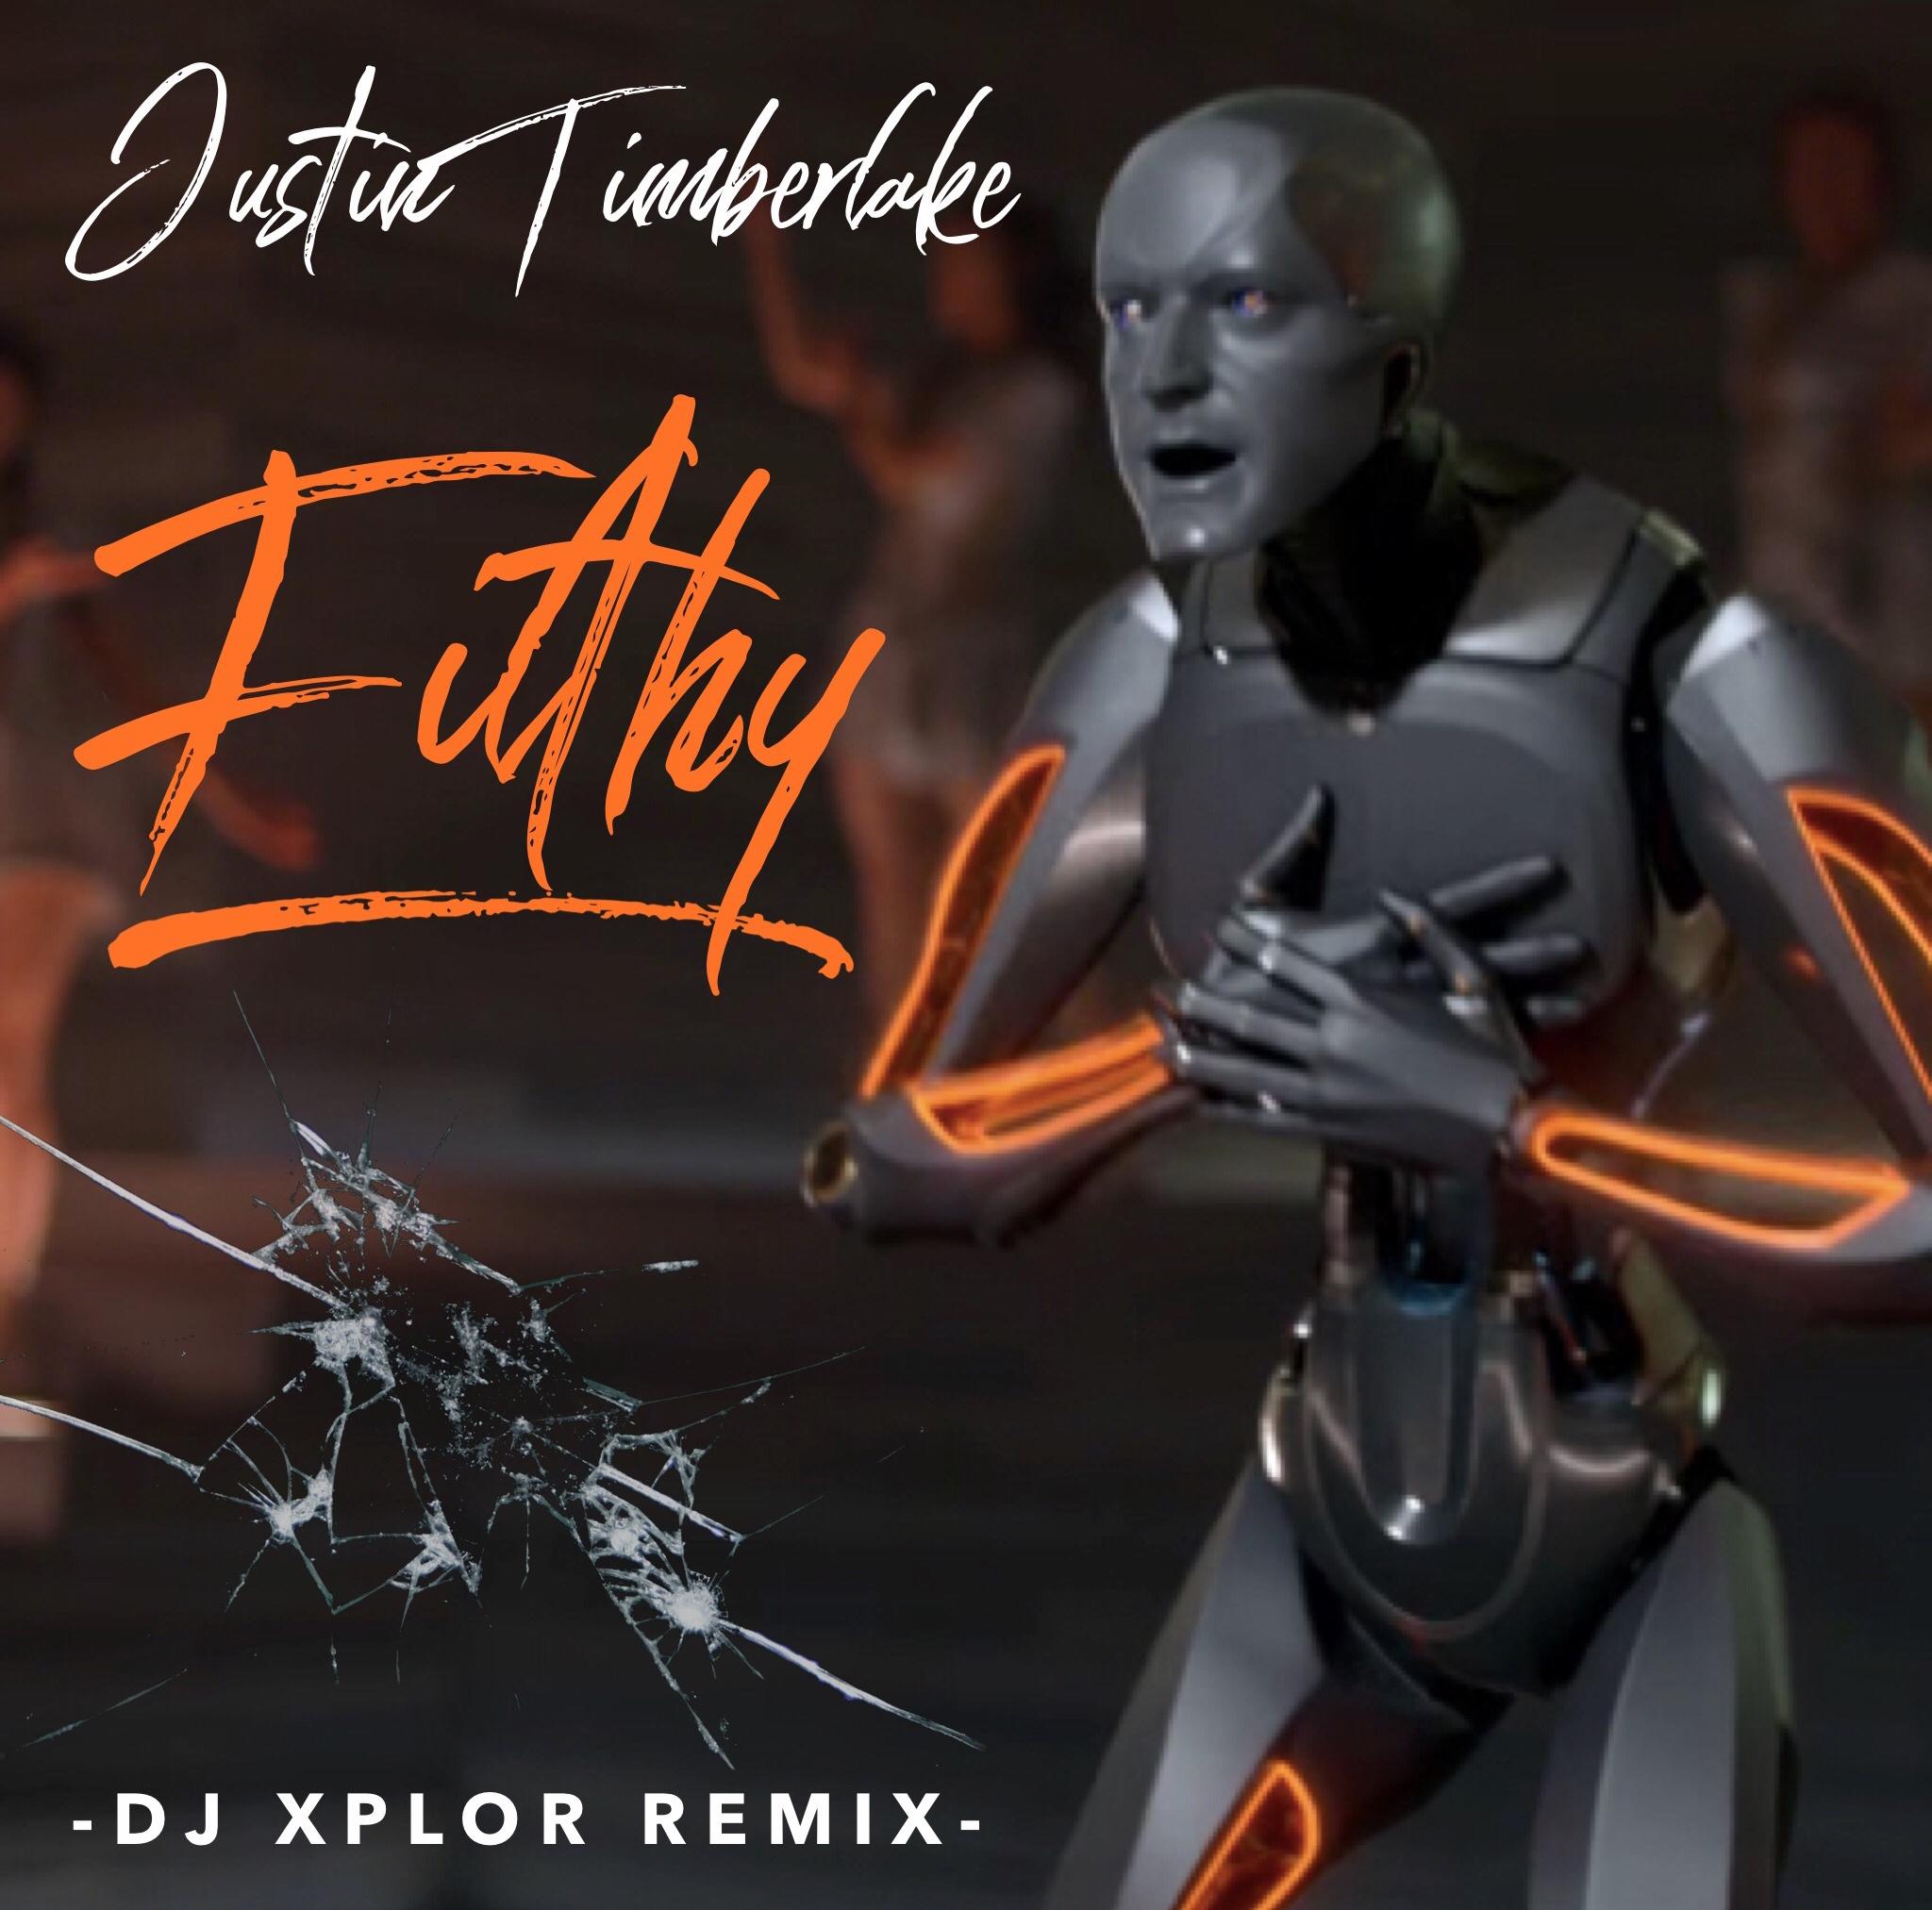 Justin Timberlake Filthy Remix Pic.jpg